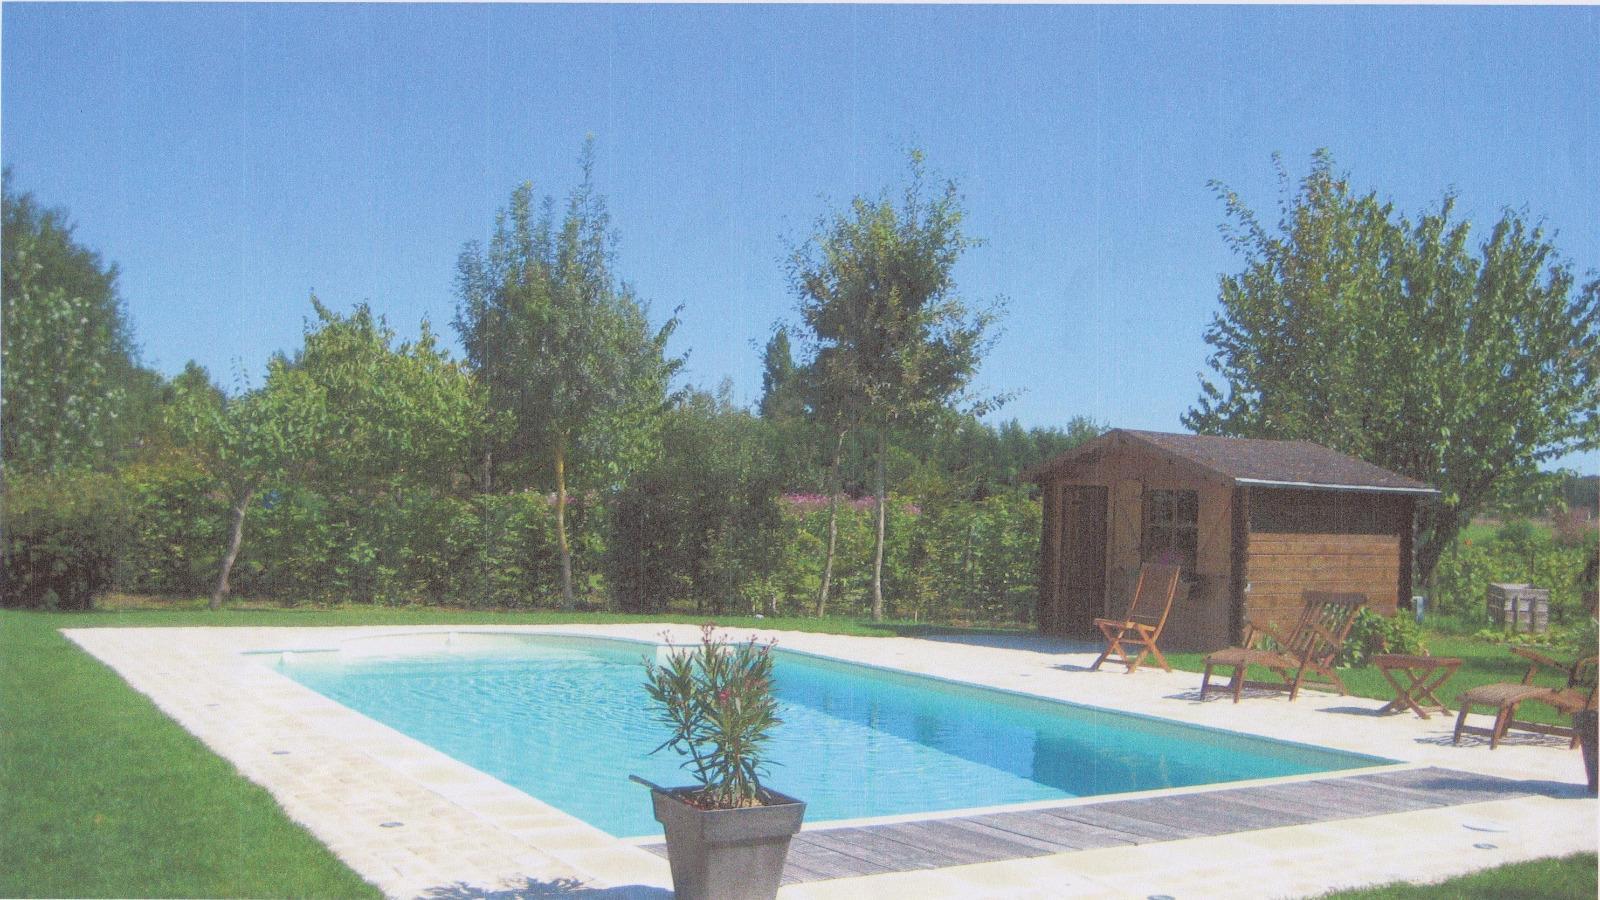 Paysagiste Indre Et Loire construction, entretien de piscines et spas à loches, indre